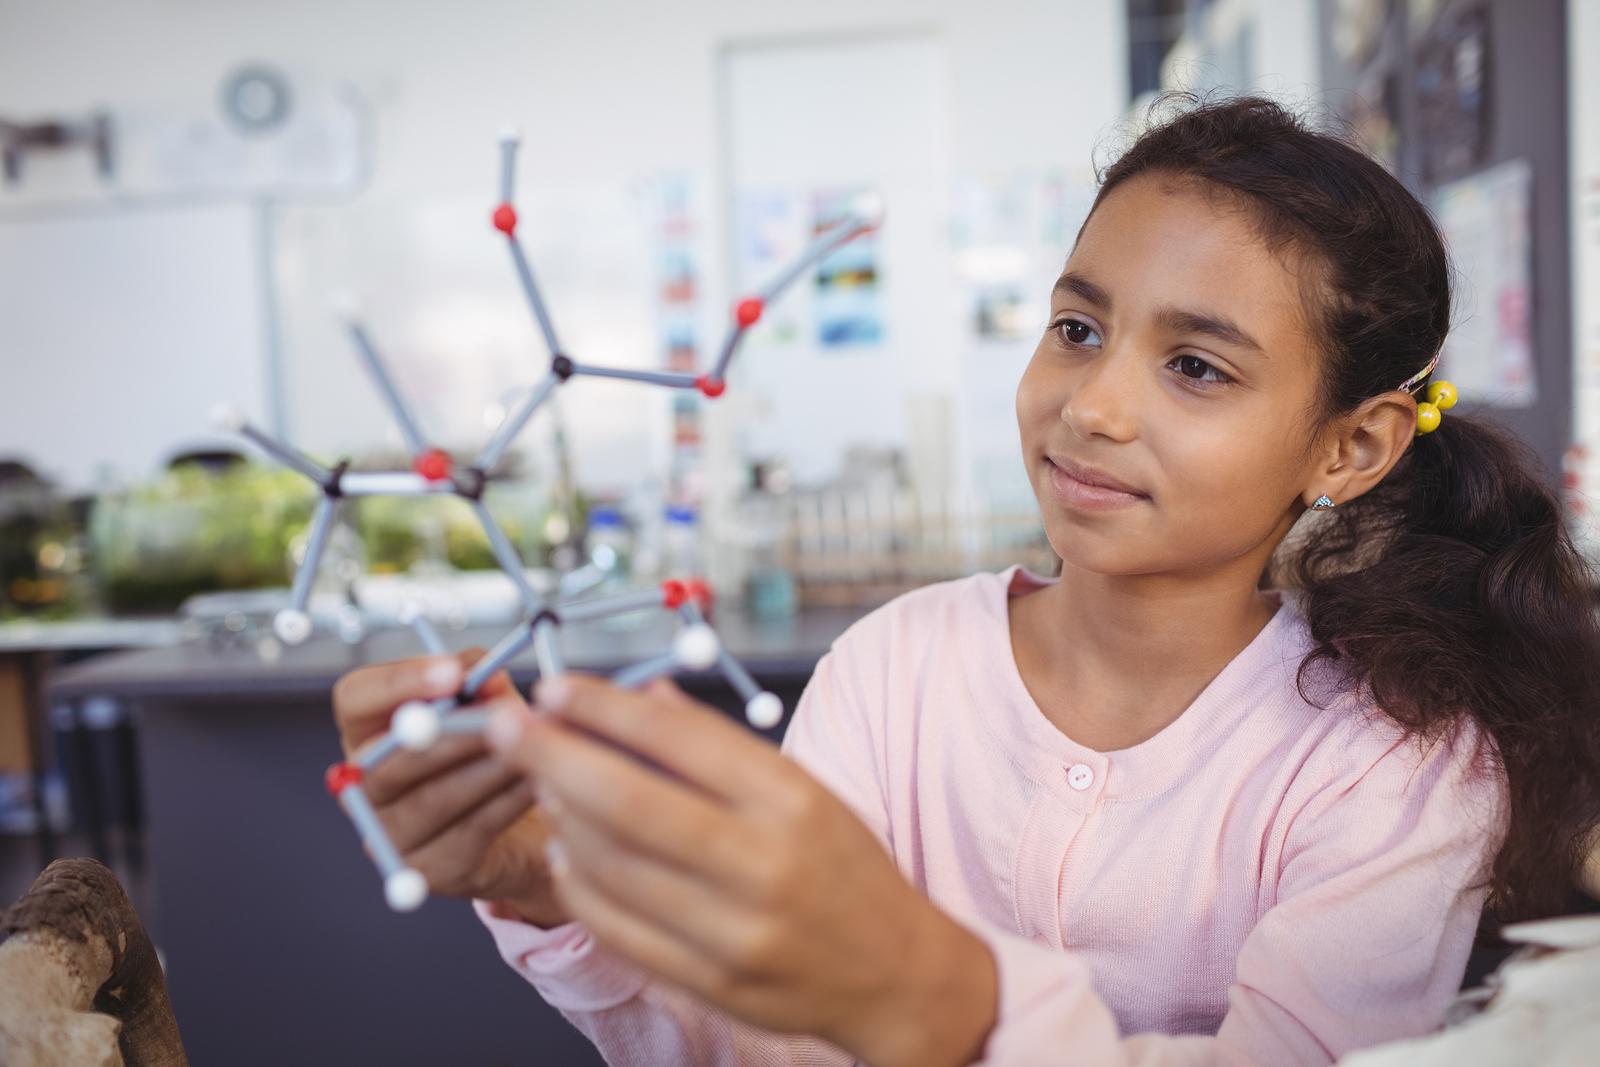 """Motivar a las niñas desde edades tempranas para conocer el significado de """"hacer ciencia"""" es clave para el desarrollo de nuevas investigaciones. Como profesoras e investigadoras en estas disciplinas debemos hacer un esfuerzo en la búsqueda de apoyos de financiamiento para proyectos con este propósito. -"""